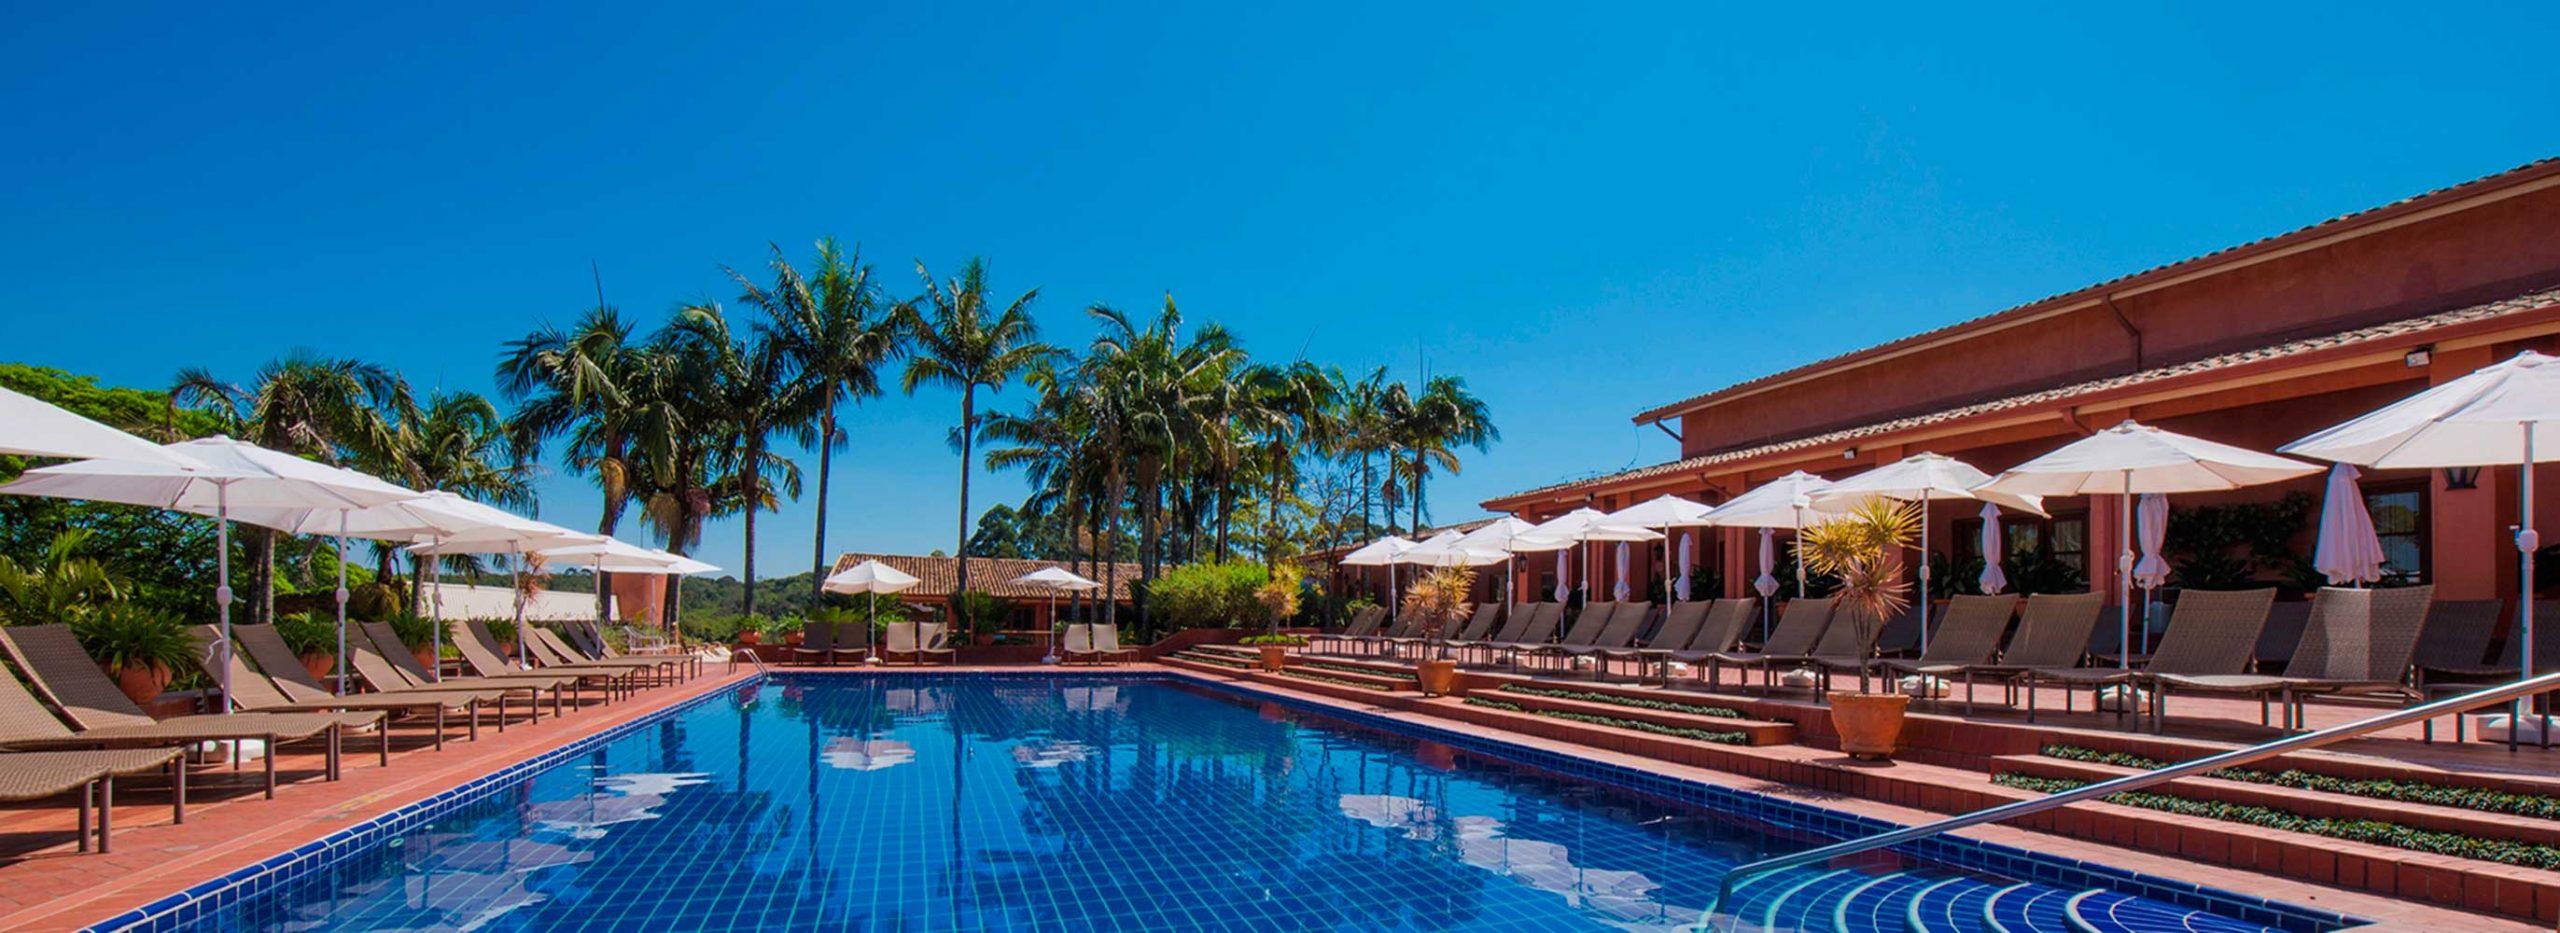 hotel-villa-rossa-infra_piscina_bn_01